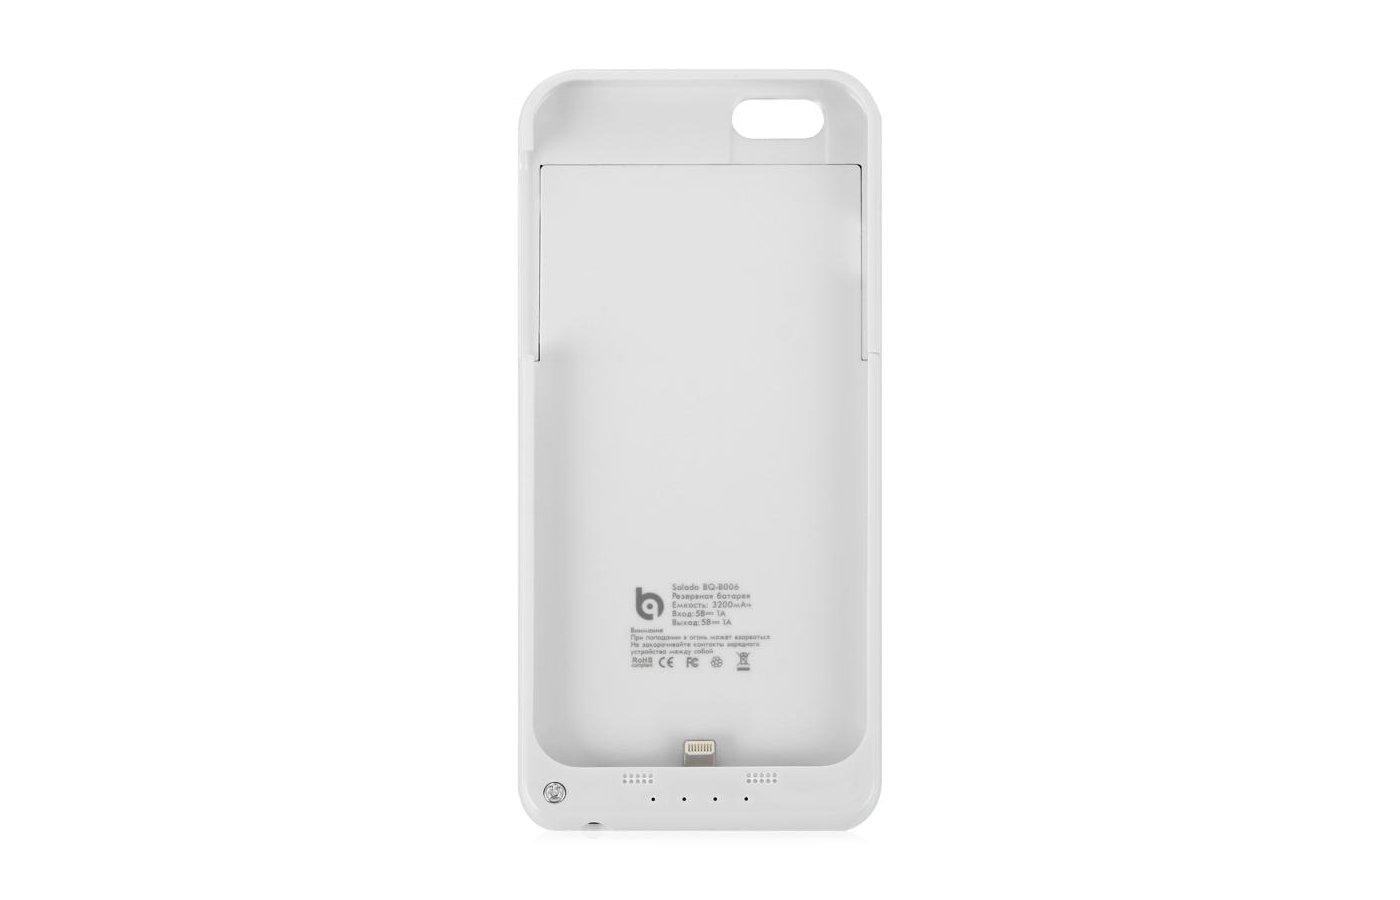 Чехол BQ-B006 3200mAh для iPhone 6/6S (белый)